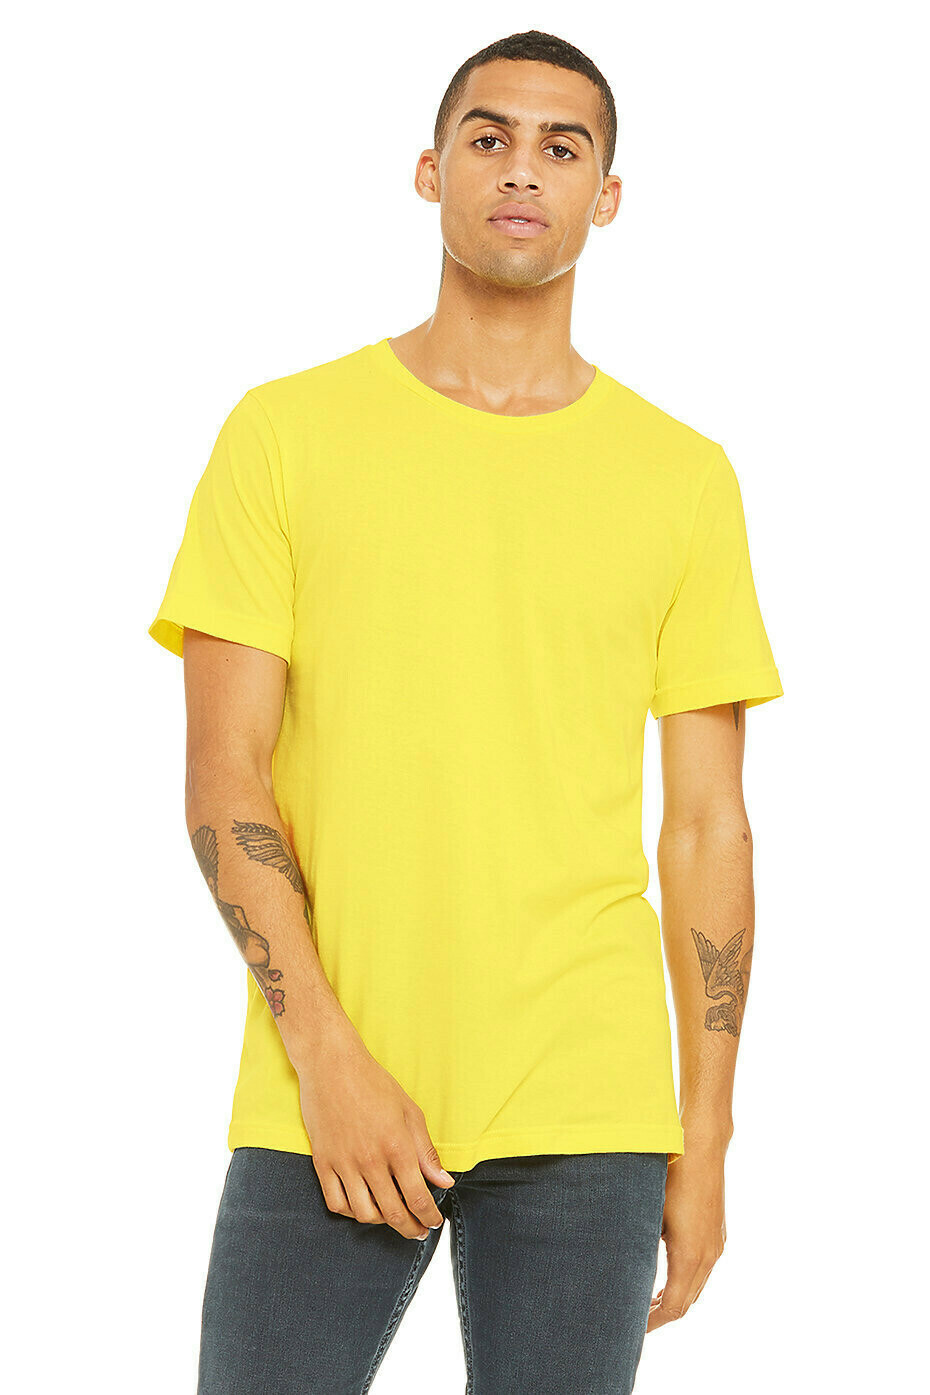 Citron Yellow